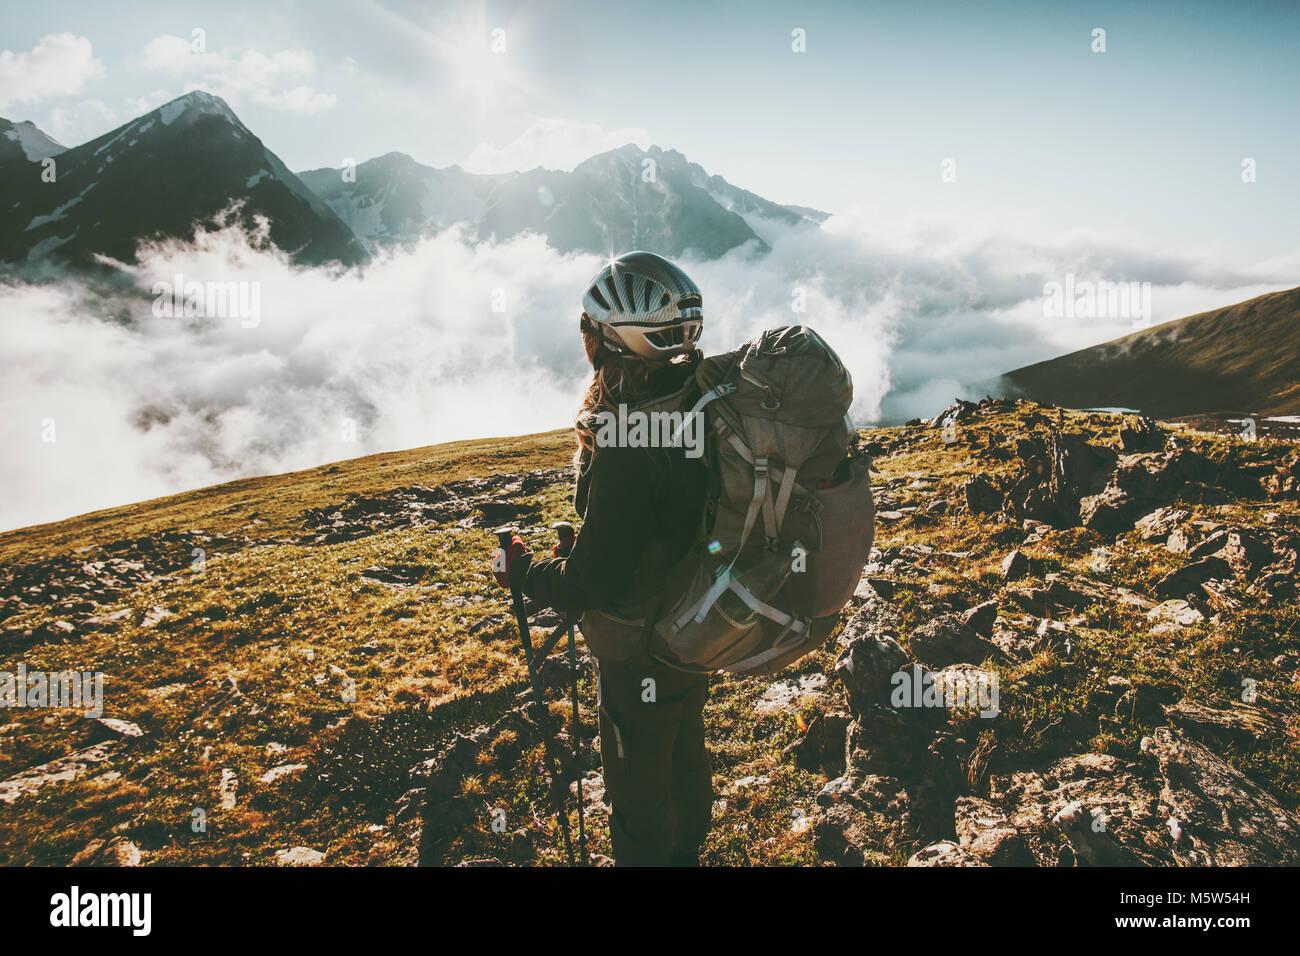 Mujer viajero con mochila trekking en las montañas de viajes de aventura en el estilo de vida de las vacaciones Imagen De Stock